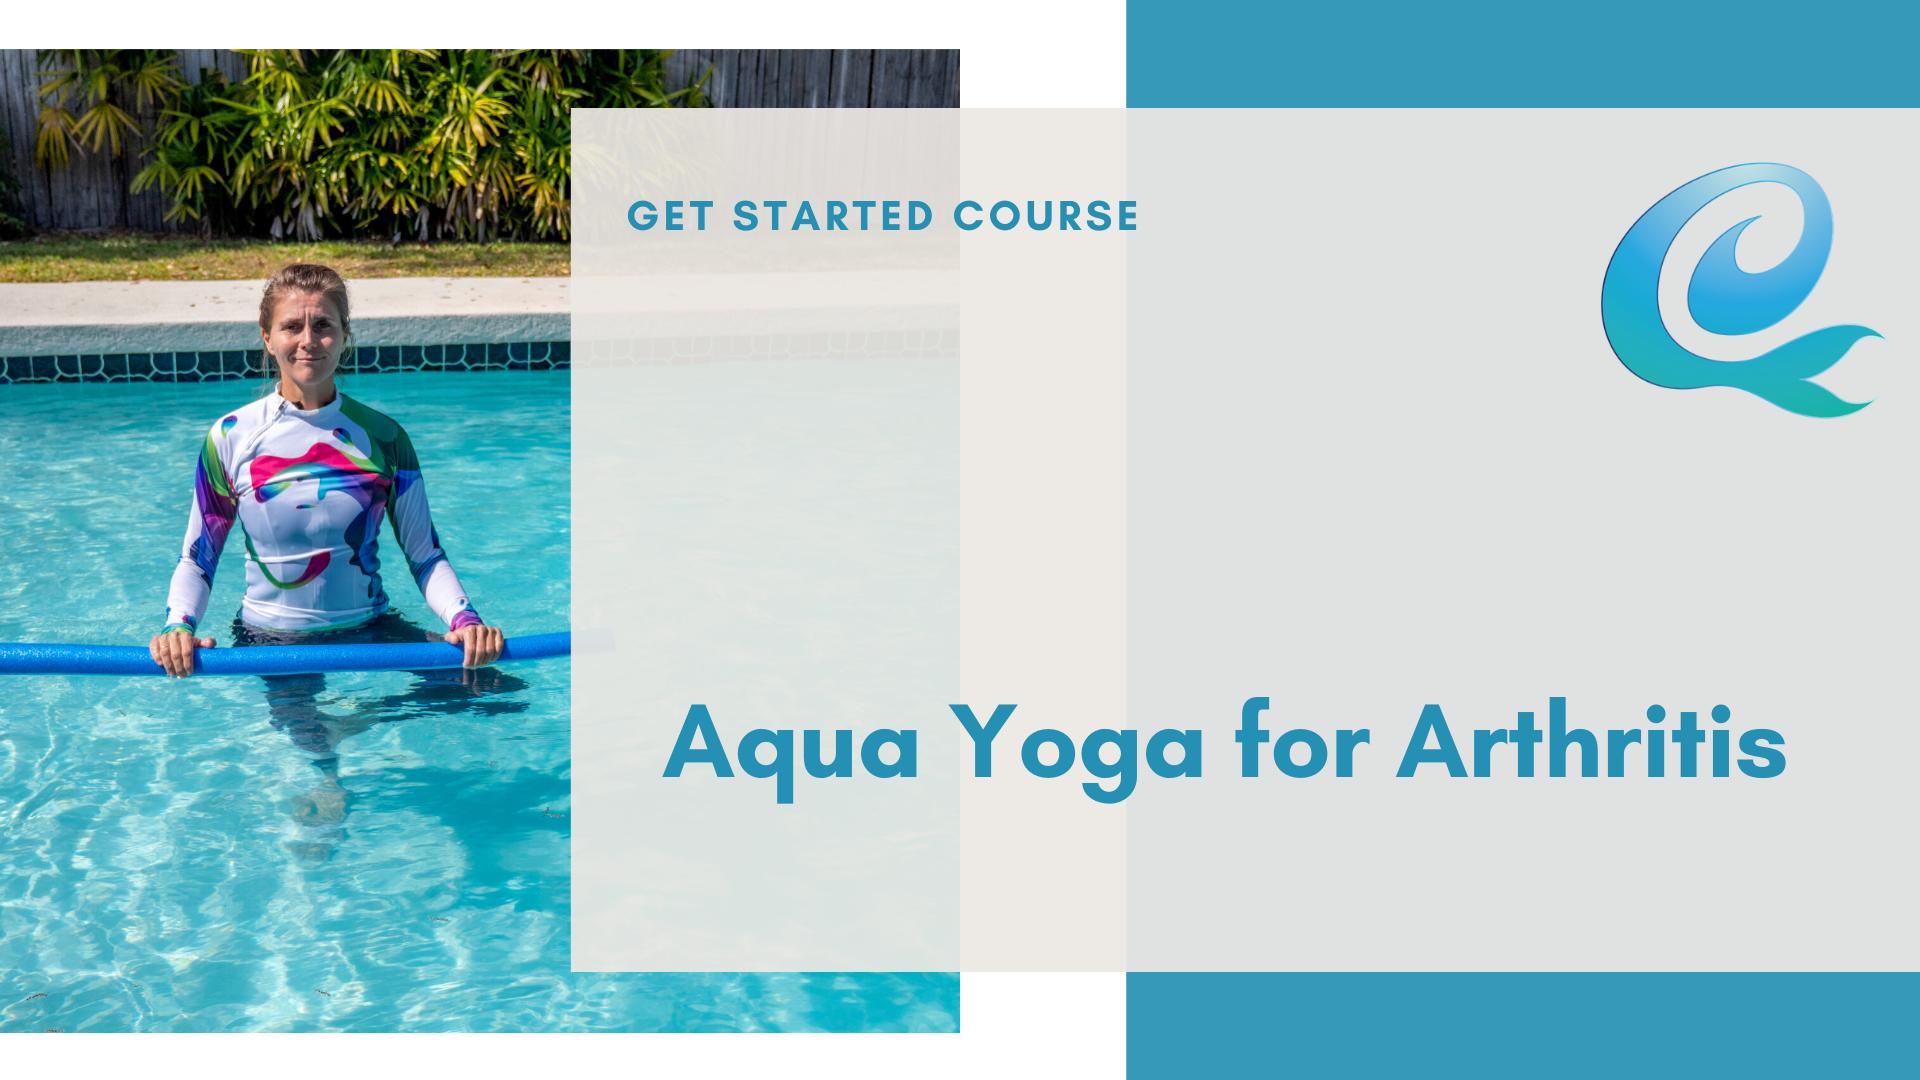 cover slide for the aqua yoga for arthritis course